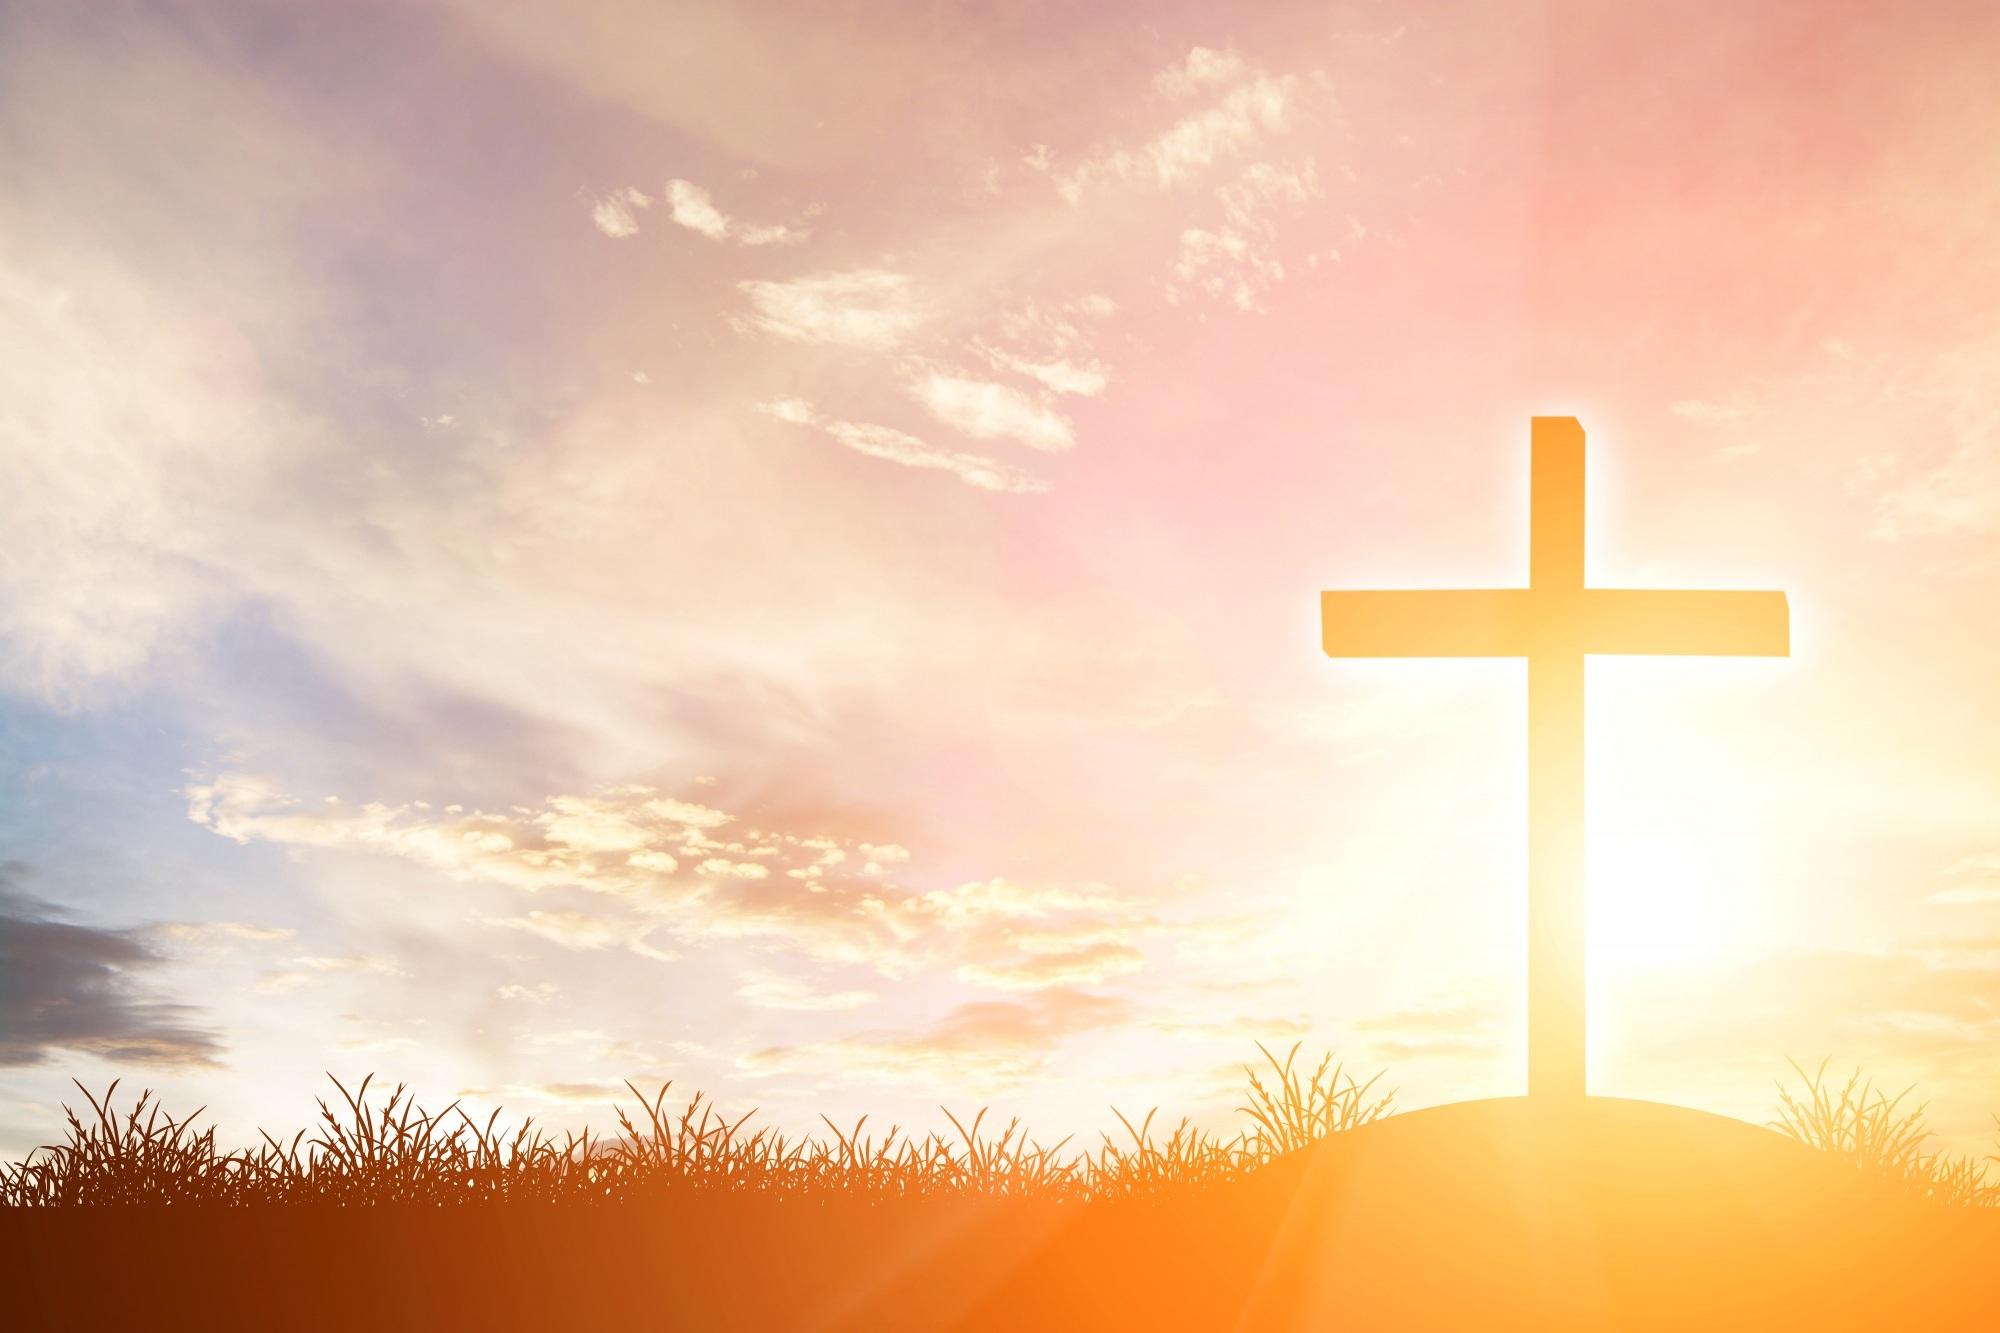 Szükség van a támogatásra a gyászidőszak alatt